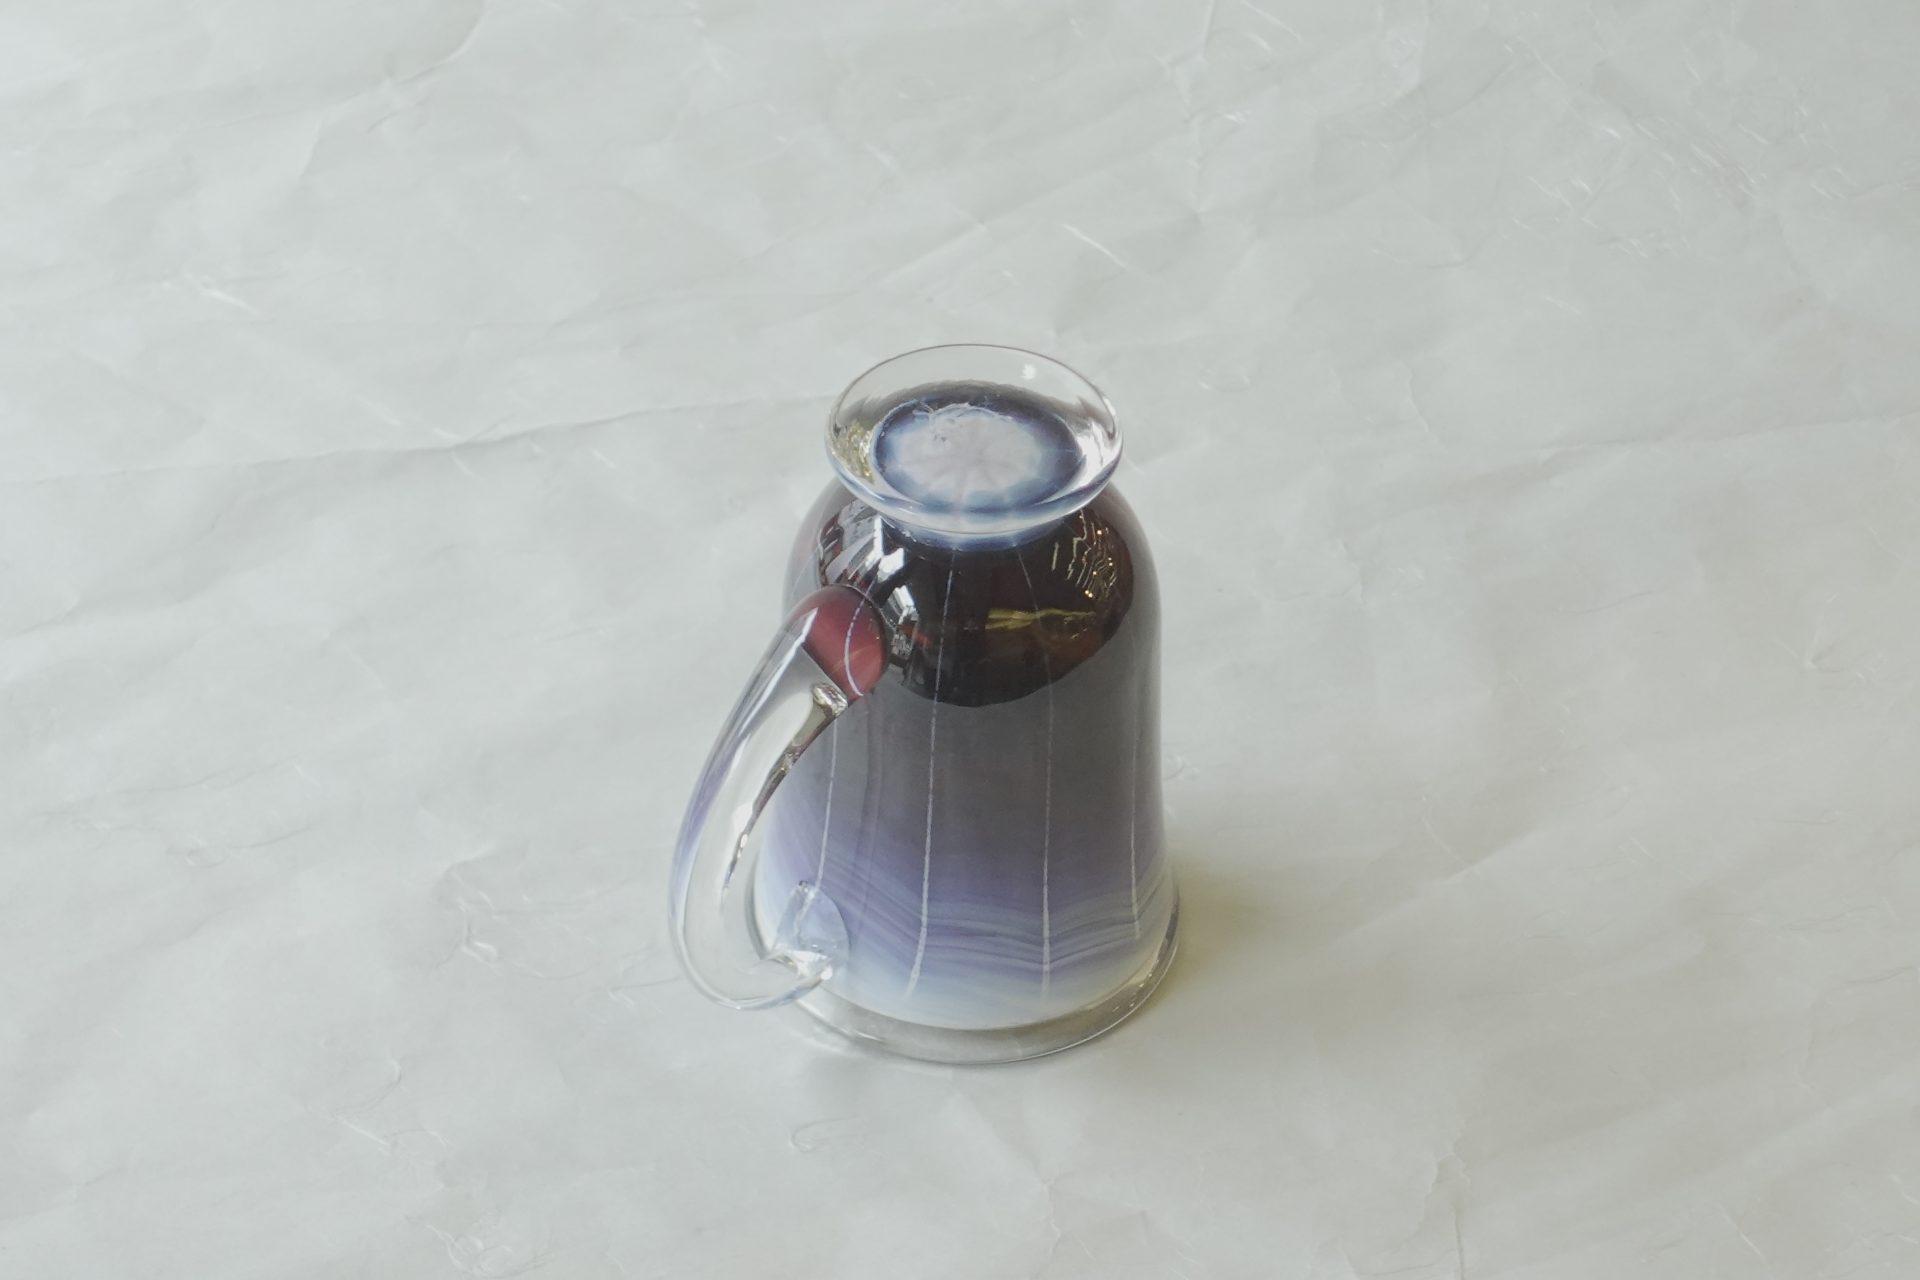 日本製 手づくり 耐熱ガラス マグカップ 窯変 美しい色彩 赤紫色 グラデーション 薄紫色 ストライプ 芸術 握りやすい 飲みやすい 安定 使いやすい 硬い 欠けにくいガラス